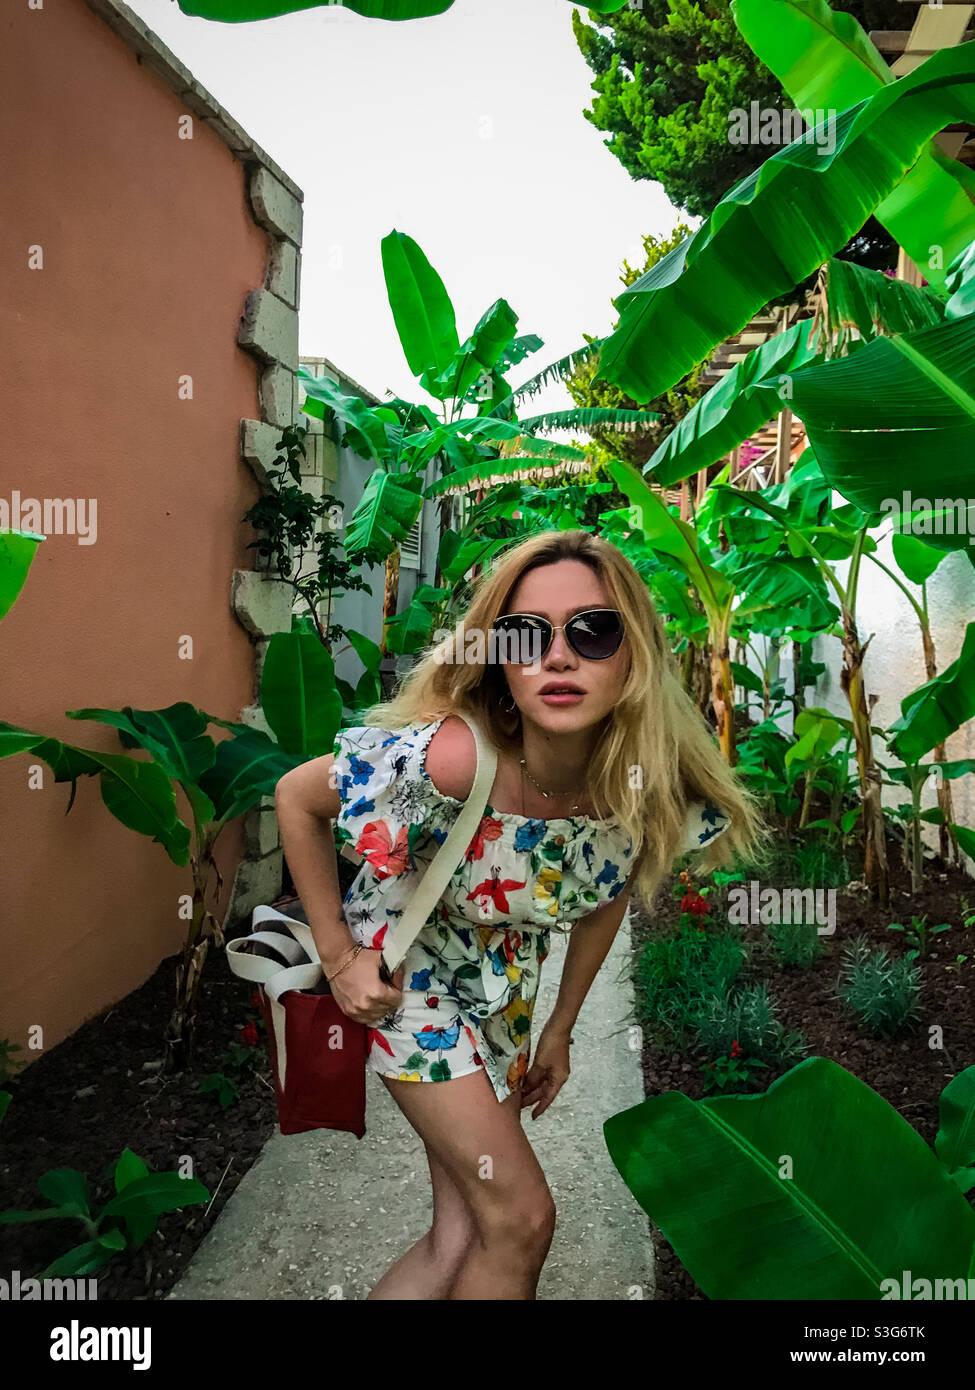 Bella e bionda modella ragazza si arrabbia al suo fotografo tra le foglie tropicali di banana. Foto Stock